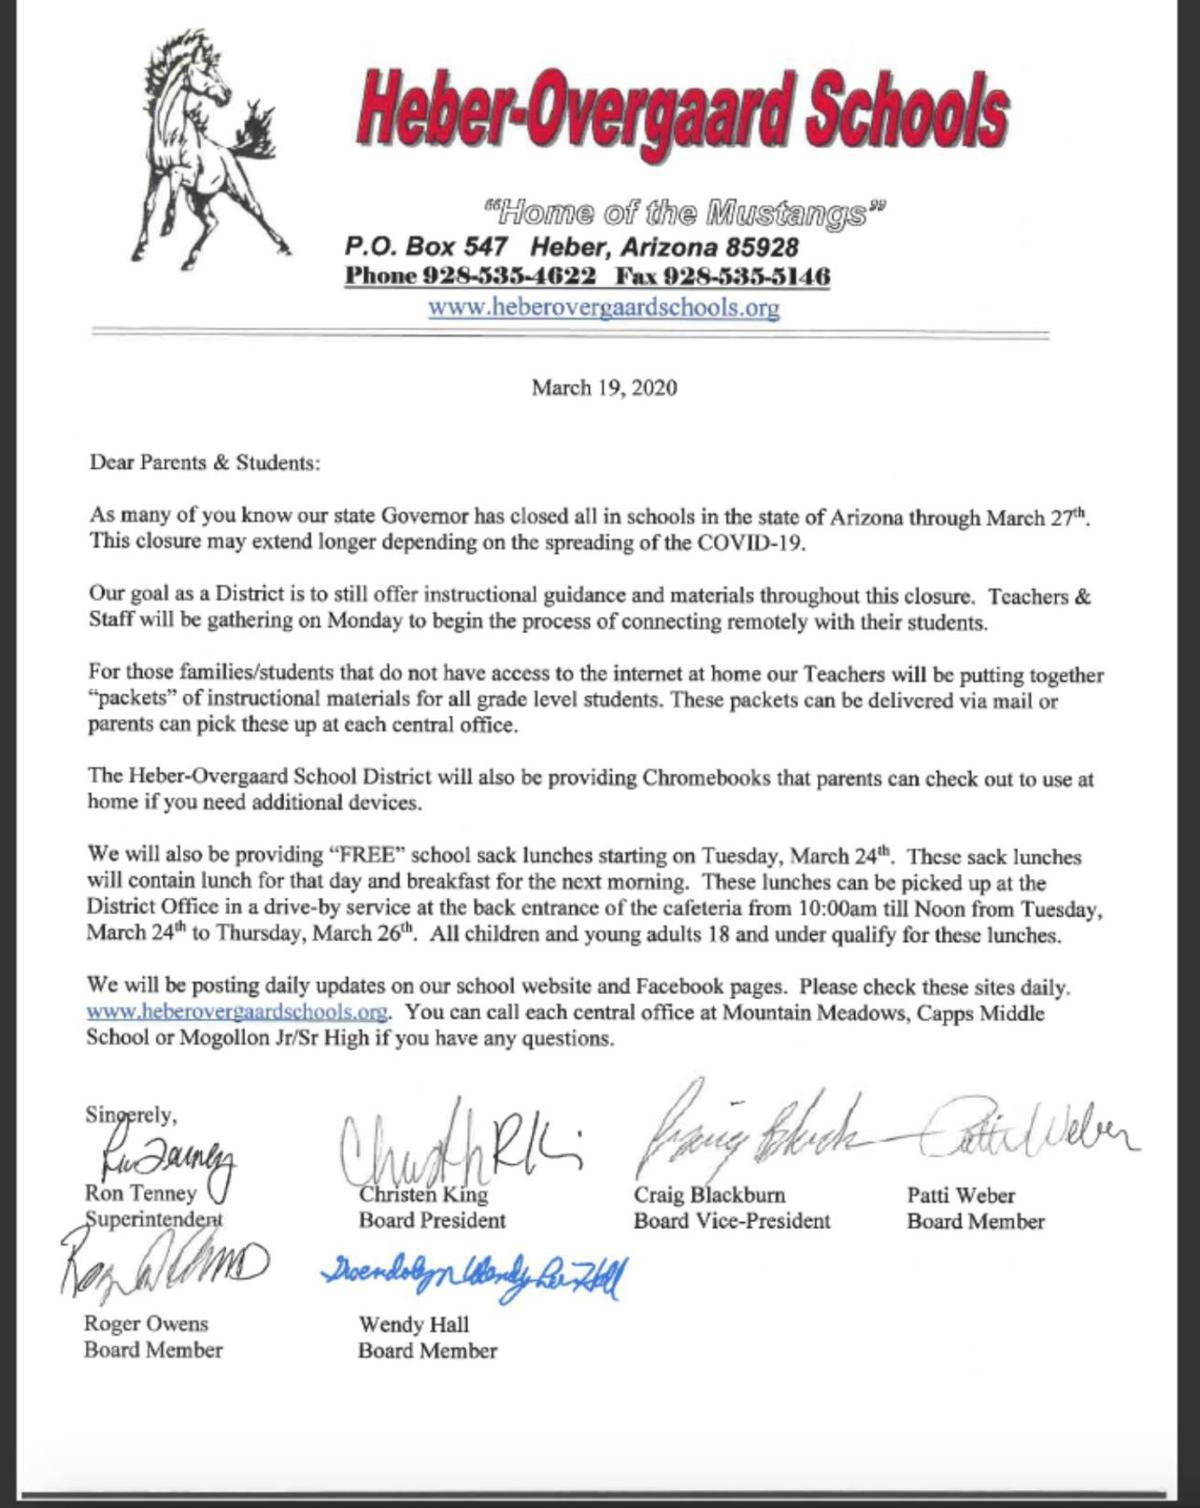 Heber/Overgaard Schools- Letter 1